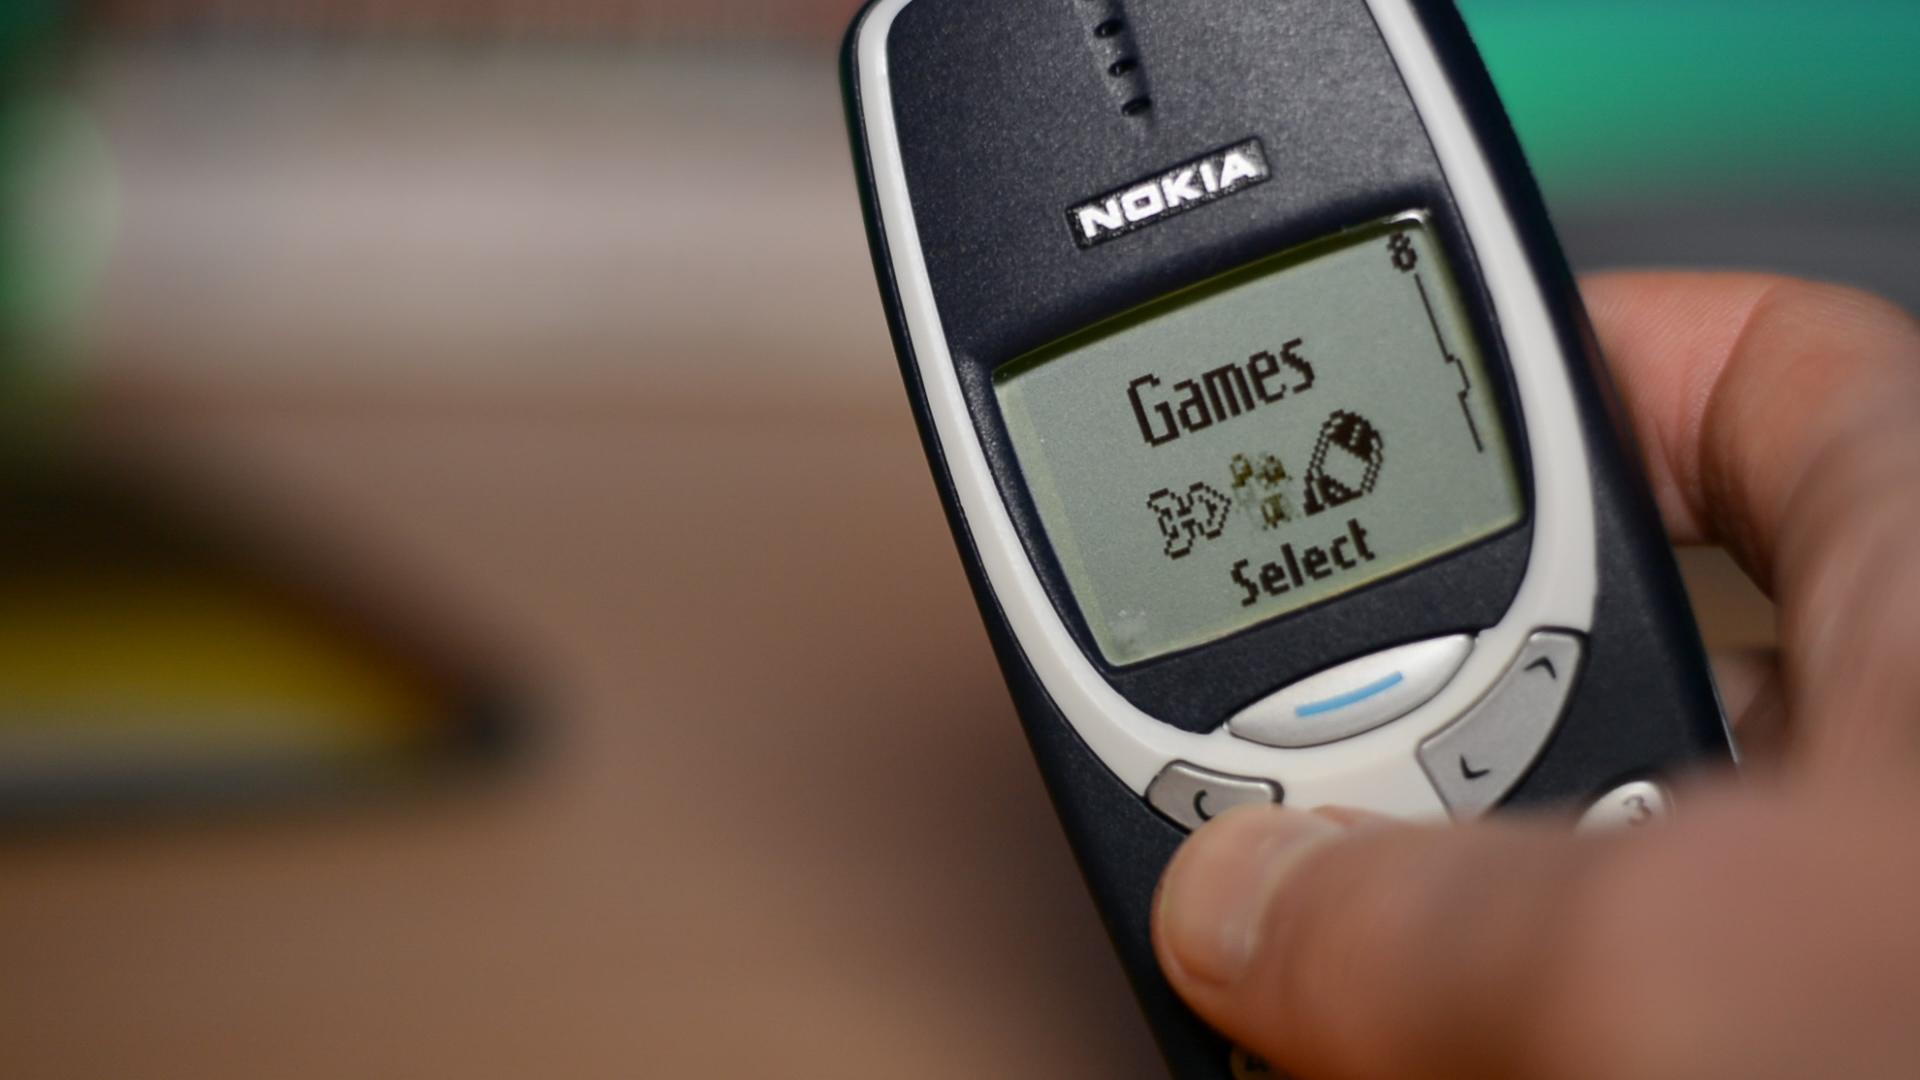 Nokia เตรียมฟื้นคืนชีพ Nokia 3310 พร้อมเปิดตัว Nokia 5, Nokia 3  ในงาน MWC 2017 ที่จะถึงนี้